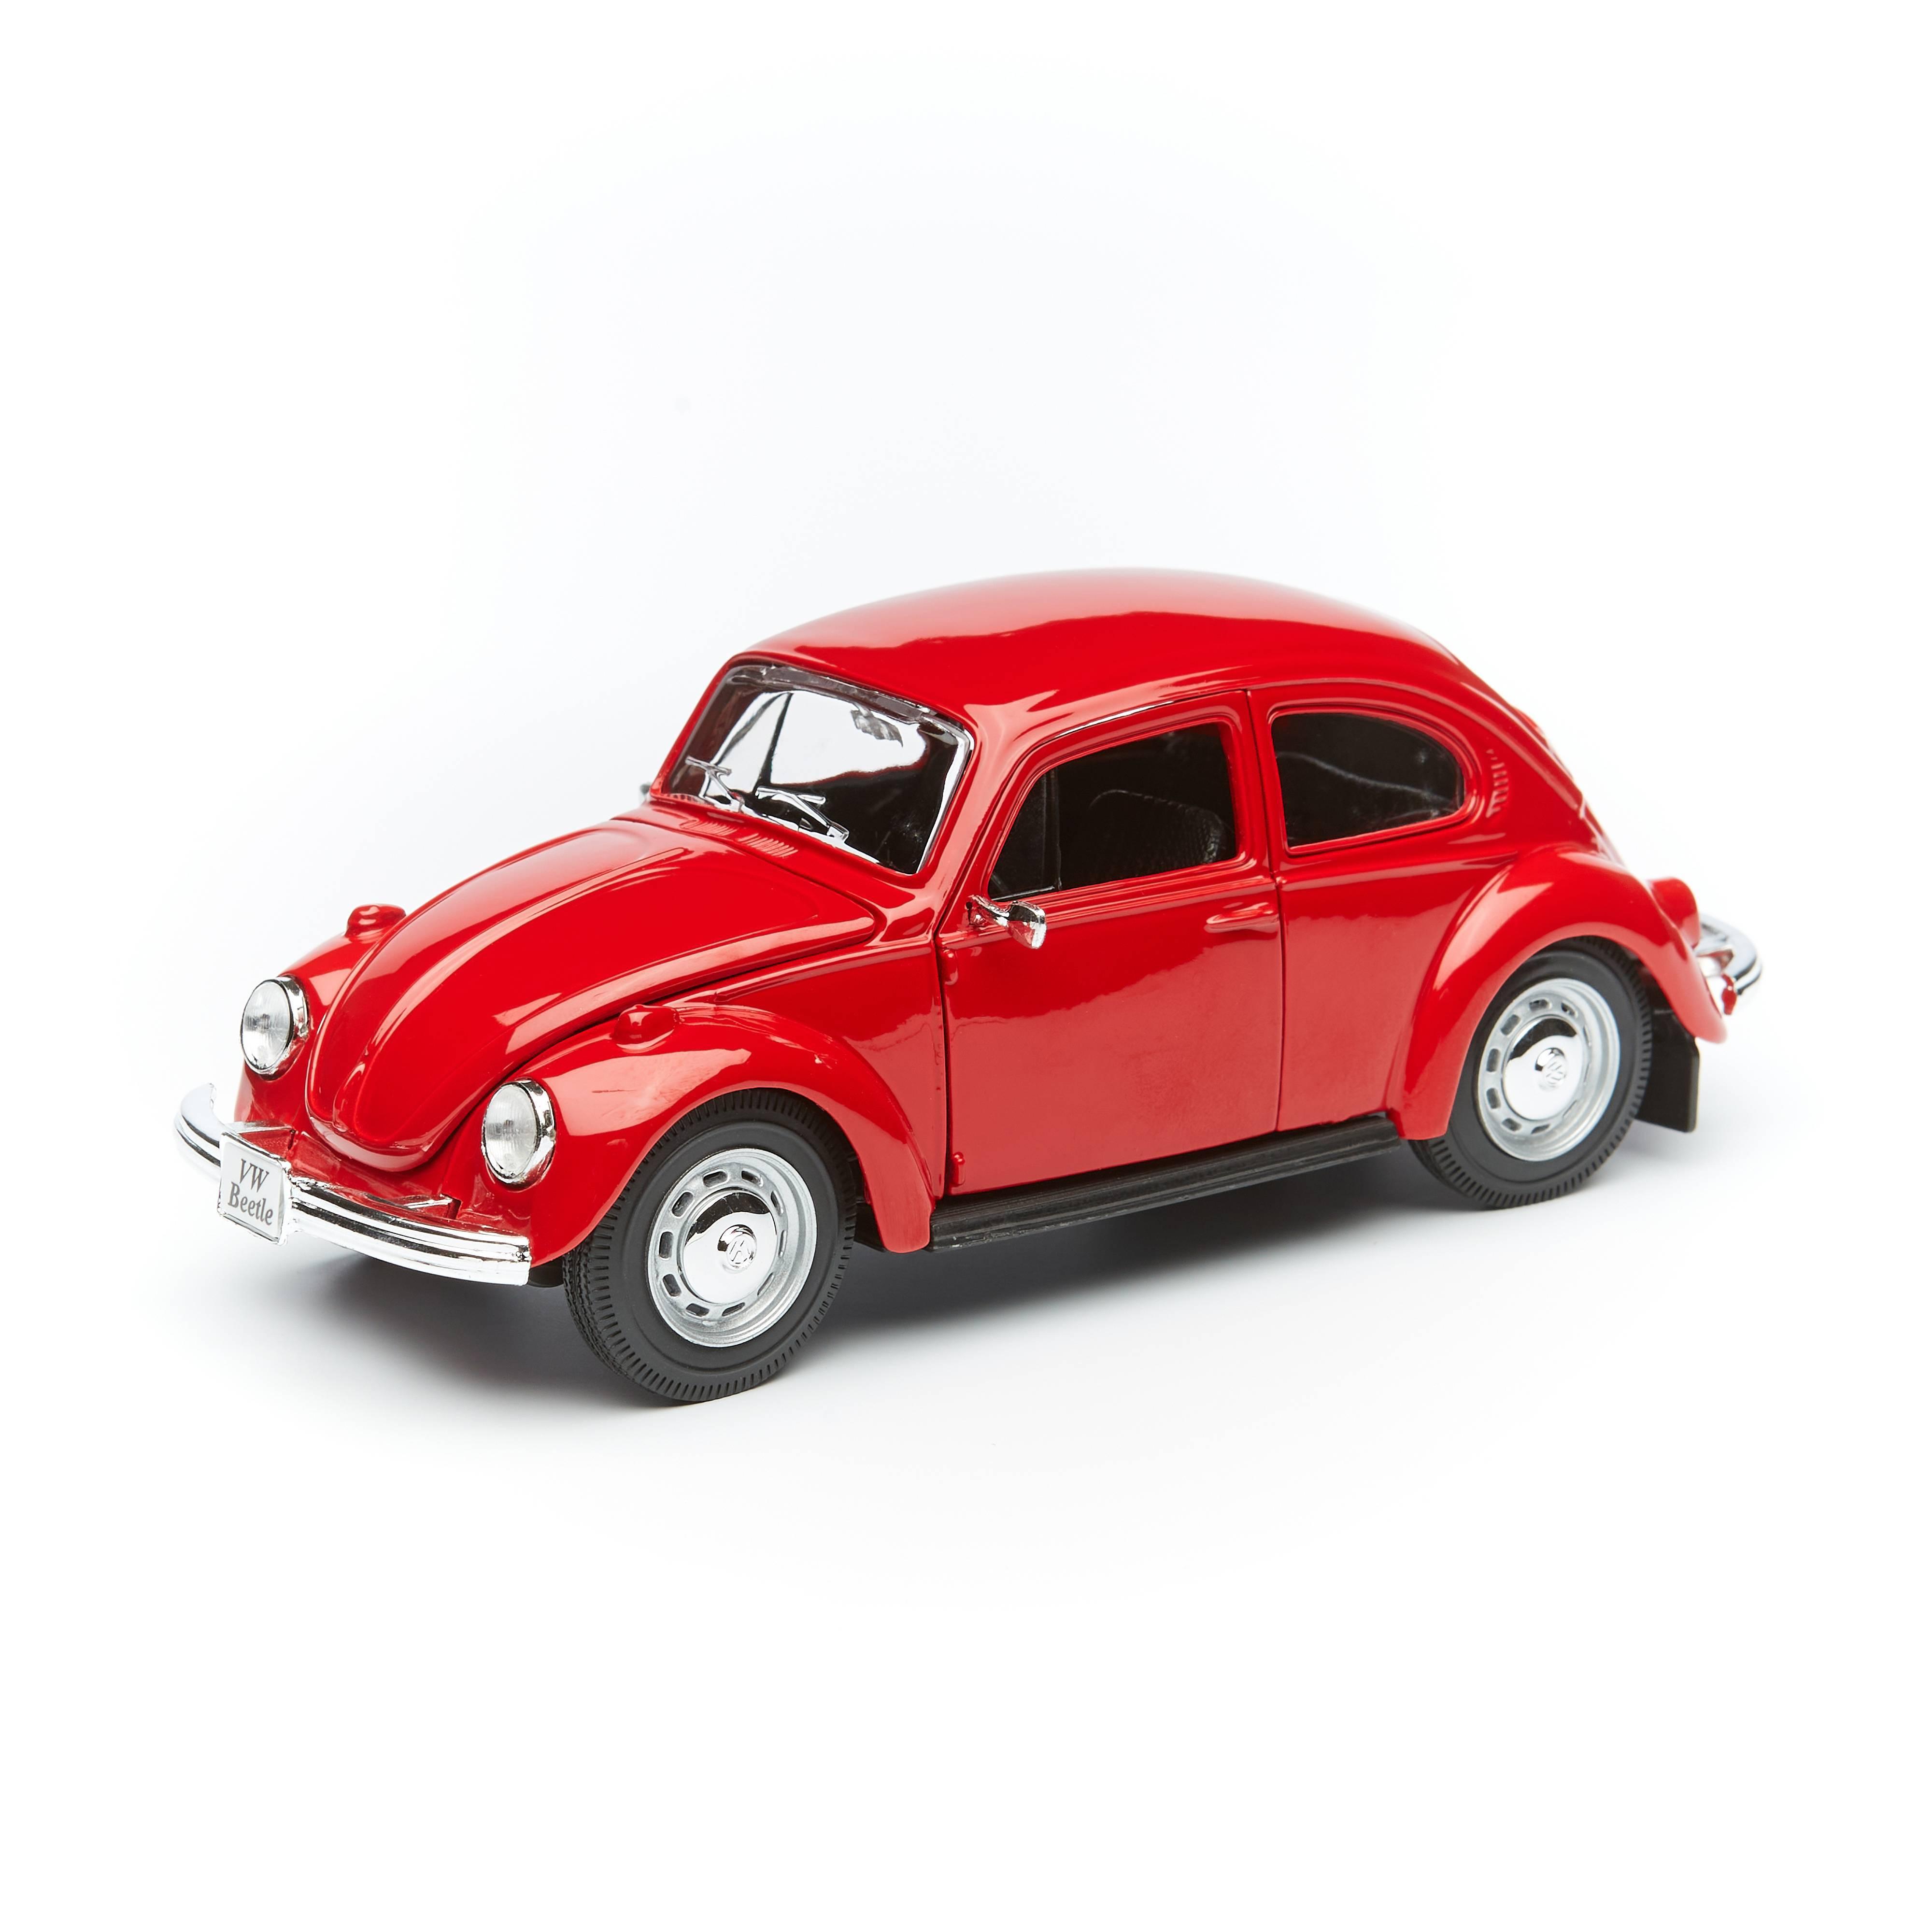 Купить Maisto Машинка Volkswagen Beetle, 1:24 красная 31926,